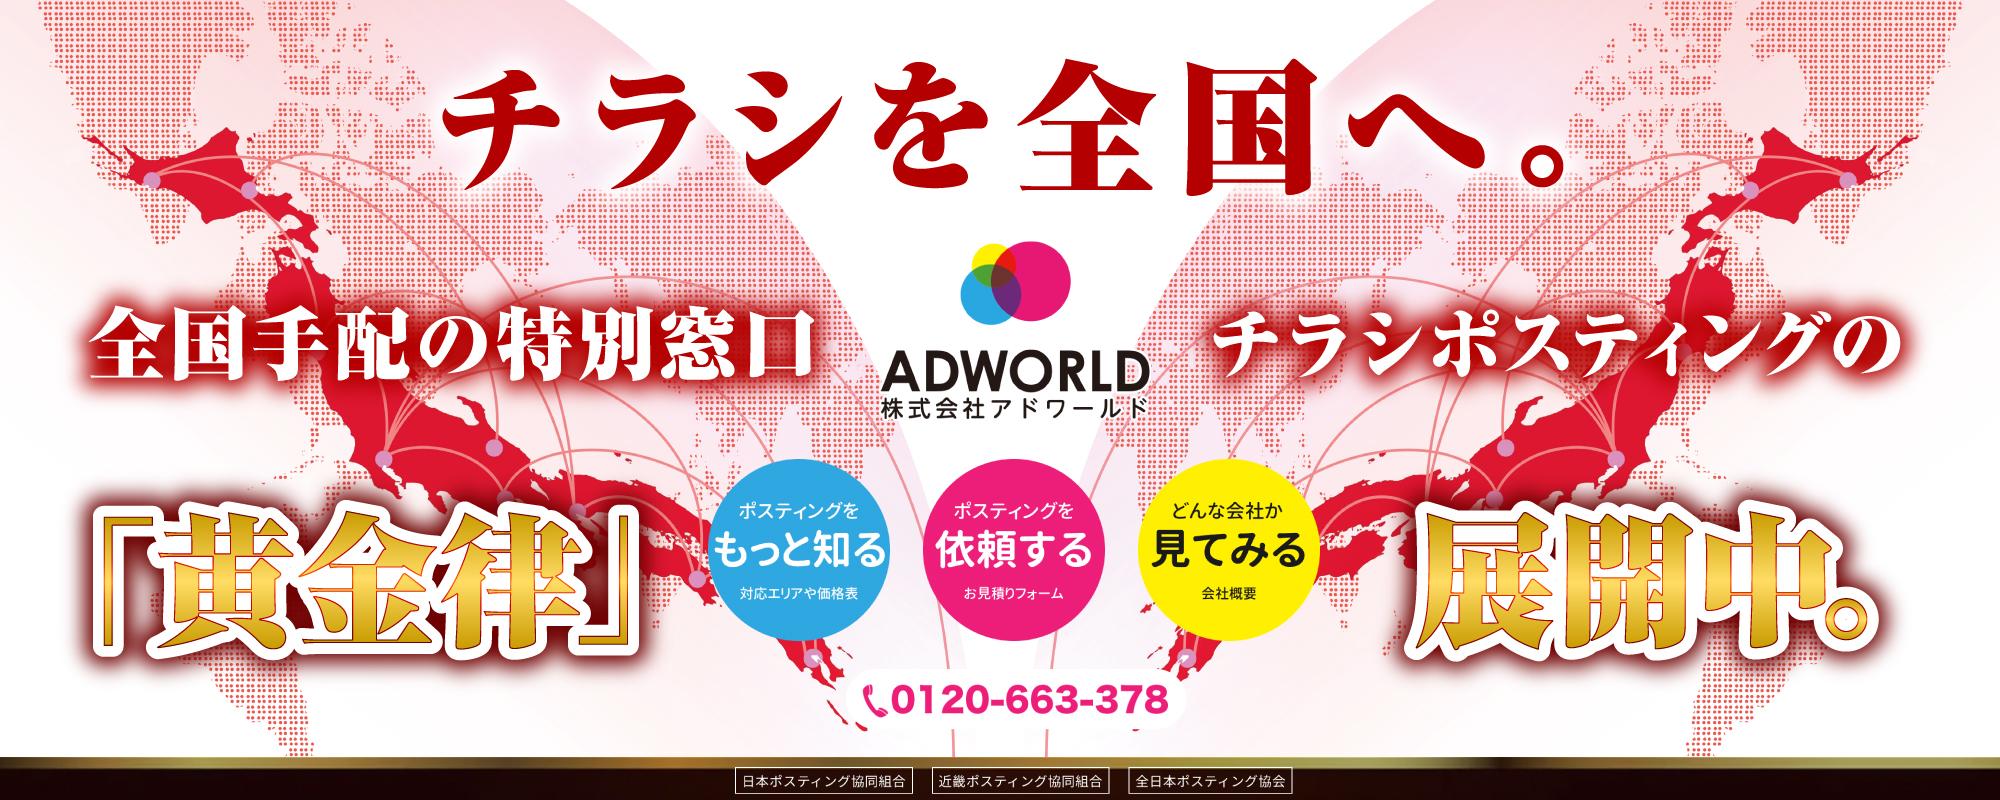 「東京・大阪でおすすめしたいポスティング会社」で第1位を獲得!